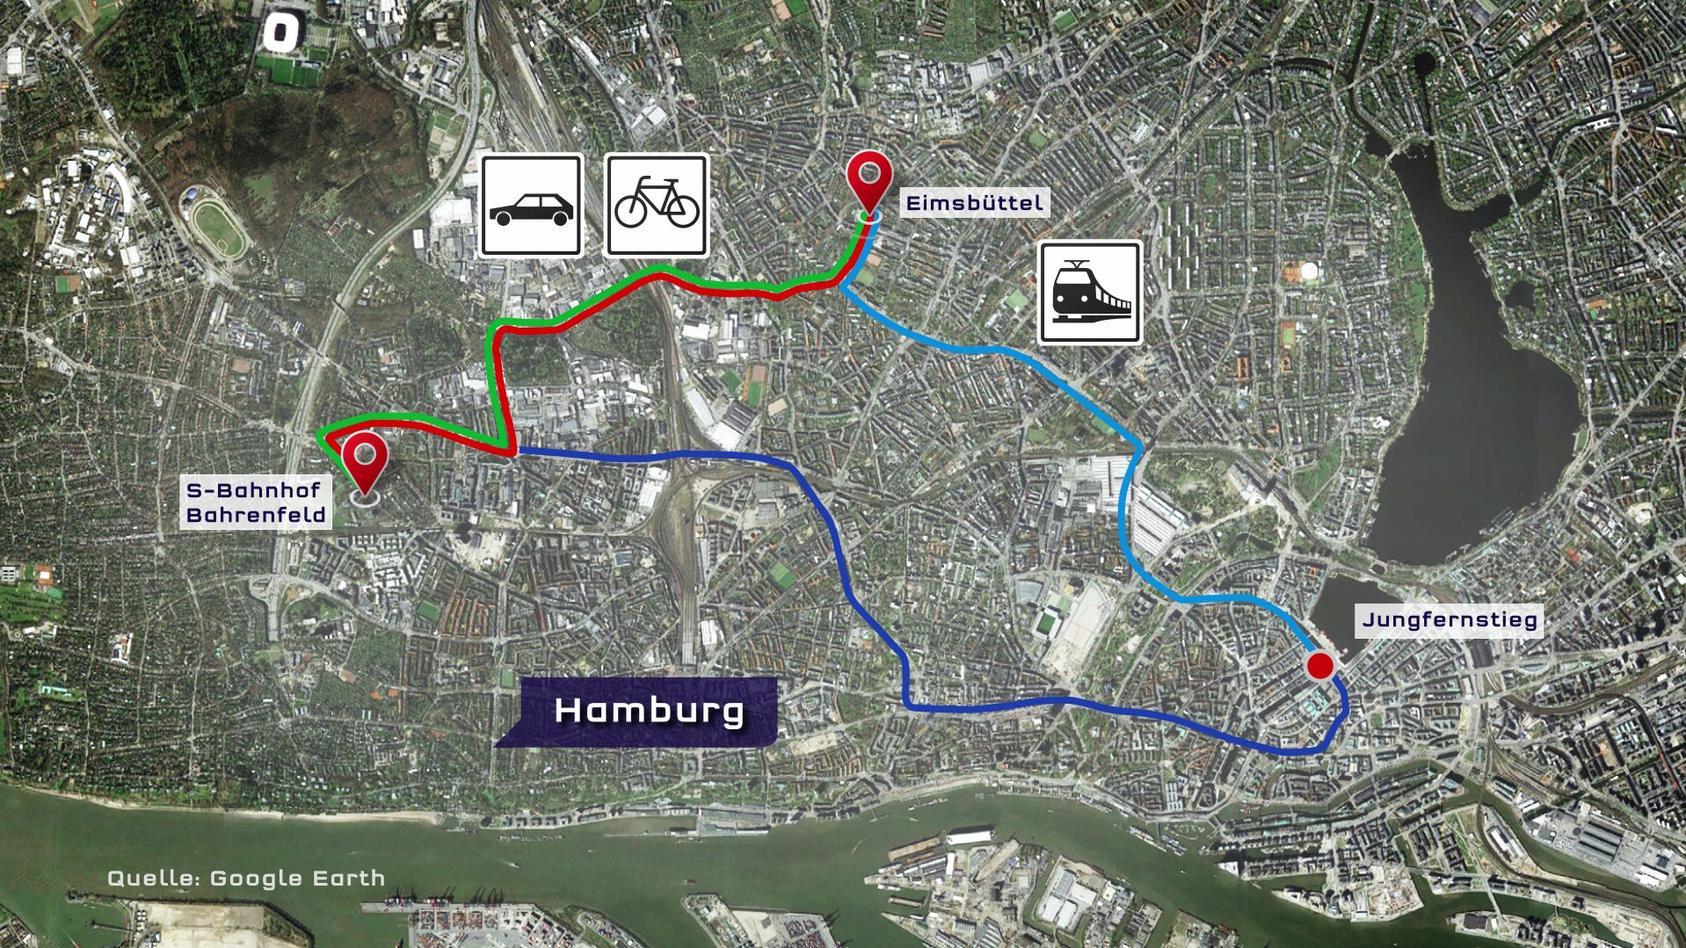 Die Routen von Eimsbüttel nach Bahrenfeld. Was geht am schnellsten?